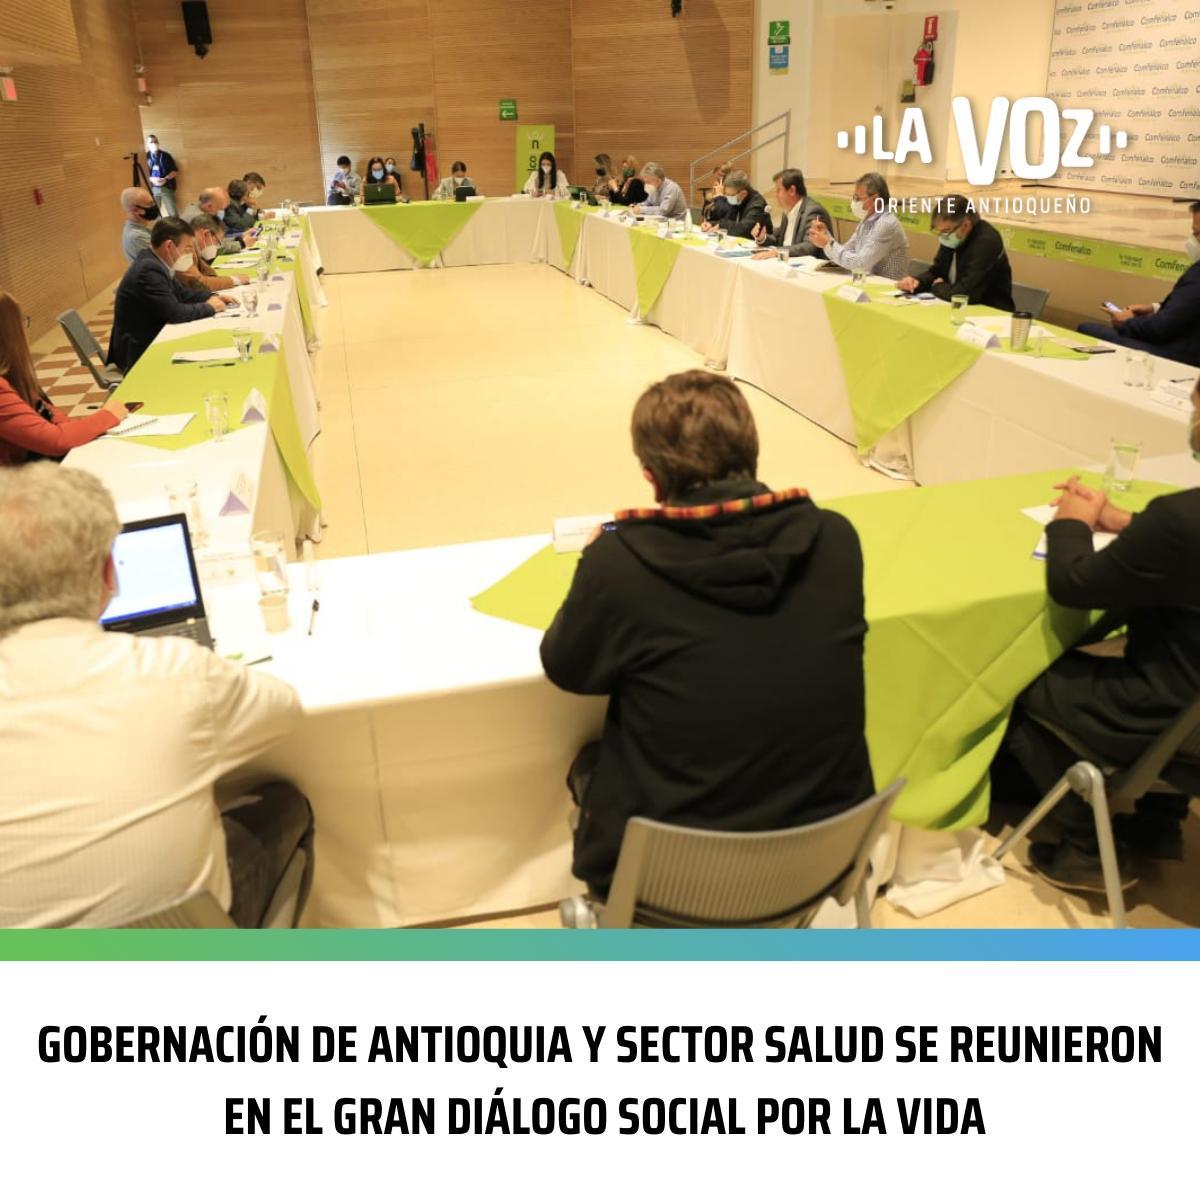 Gobernación de Antioquia y el sector salud se reunieron en el Gran Diálogo Social por la Vida